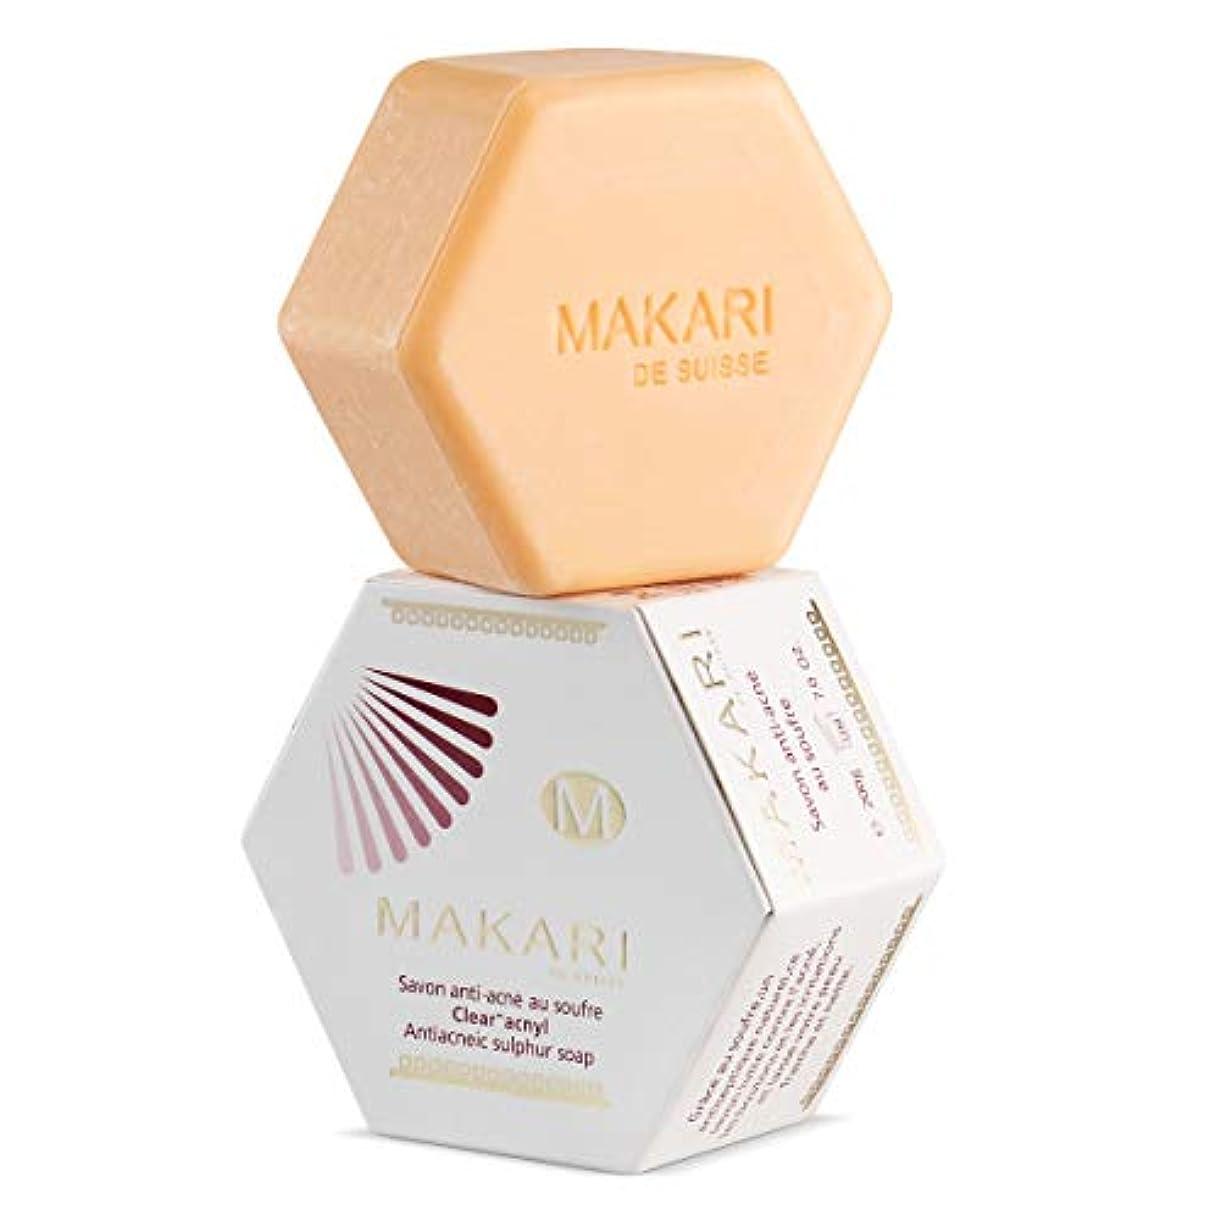 過敏な事故豊富にMAKARI クラシック サルファーソープ 200g 7.0オンス - ニキビ用バーソープ 顔&体用 - 保湿クレンザー ニキビ シミ 毛穴詰まり 脂肌 痛み用